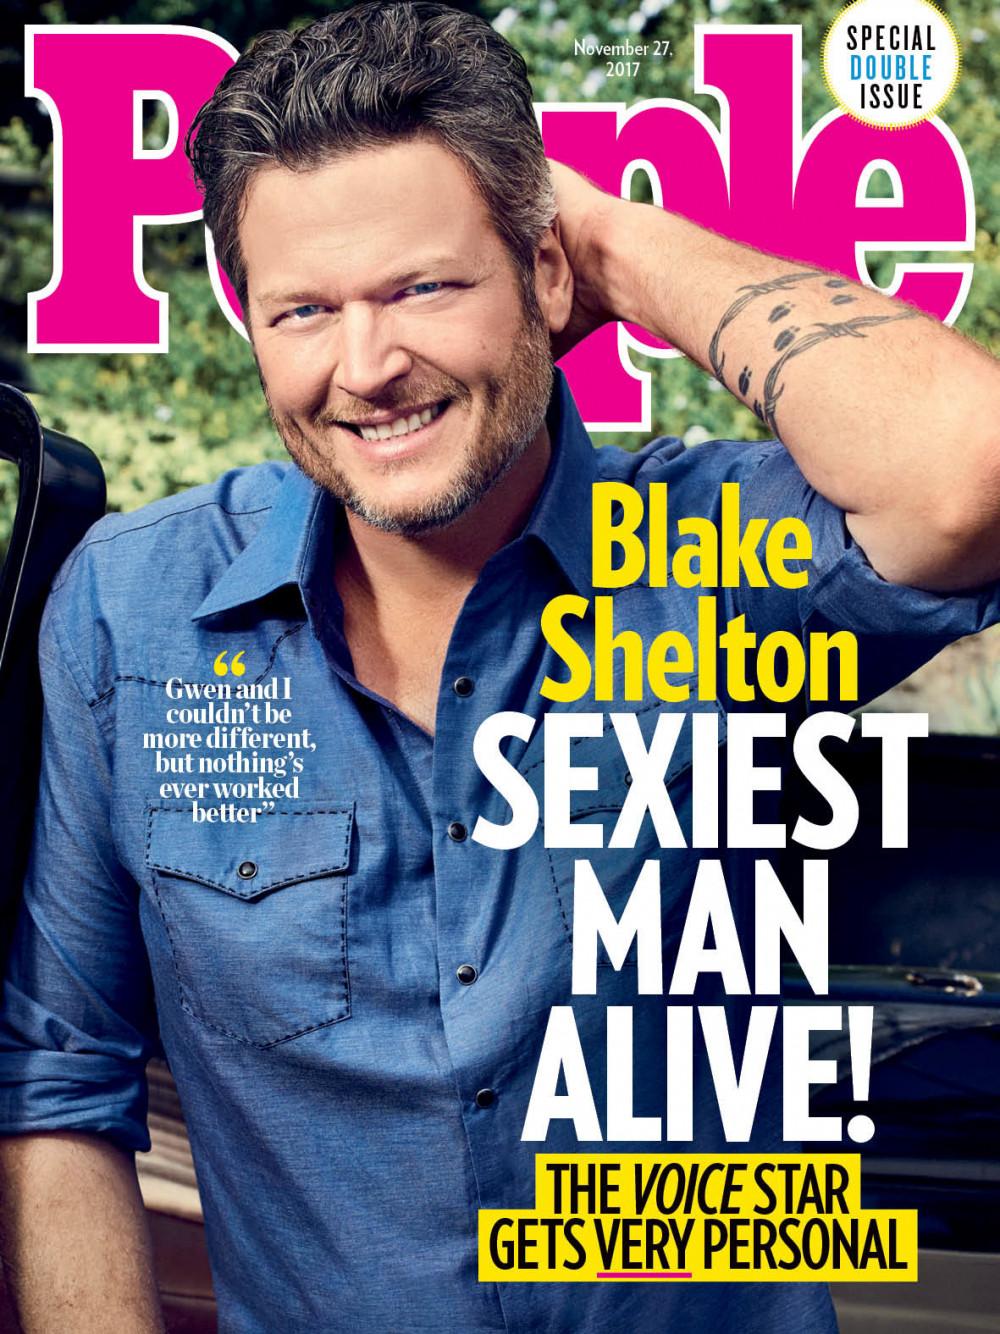 Country Singer Blake Shelton named People Magazine's Sexiest Man Alive - BellaNaija